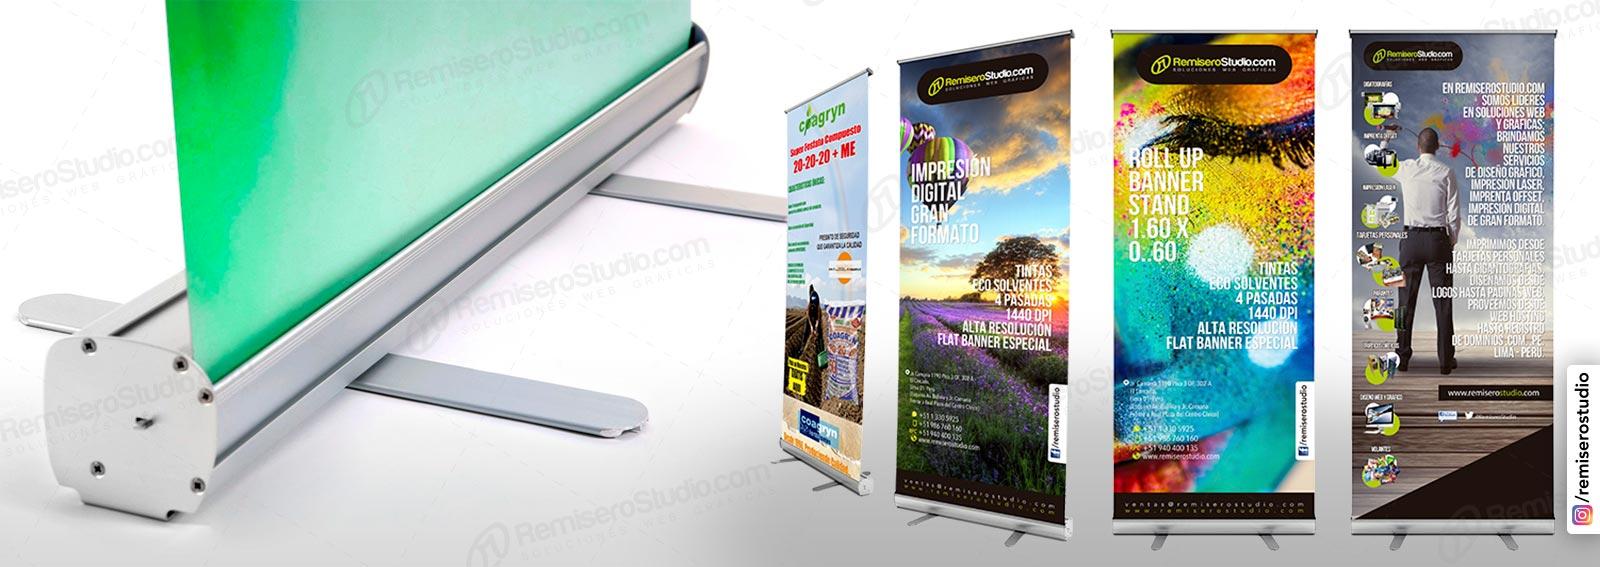 Roll Up banner o Roll Screen de 0.60 x 1.60 metros: Parante publicitario de aluminio para banner impreso a full color en alta resolución: 1440 dpi, incluye maletín